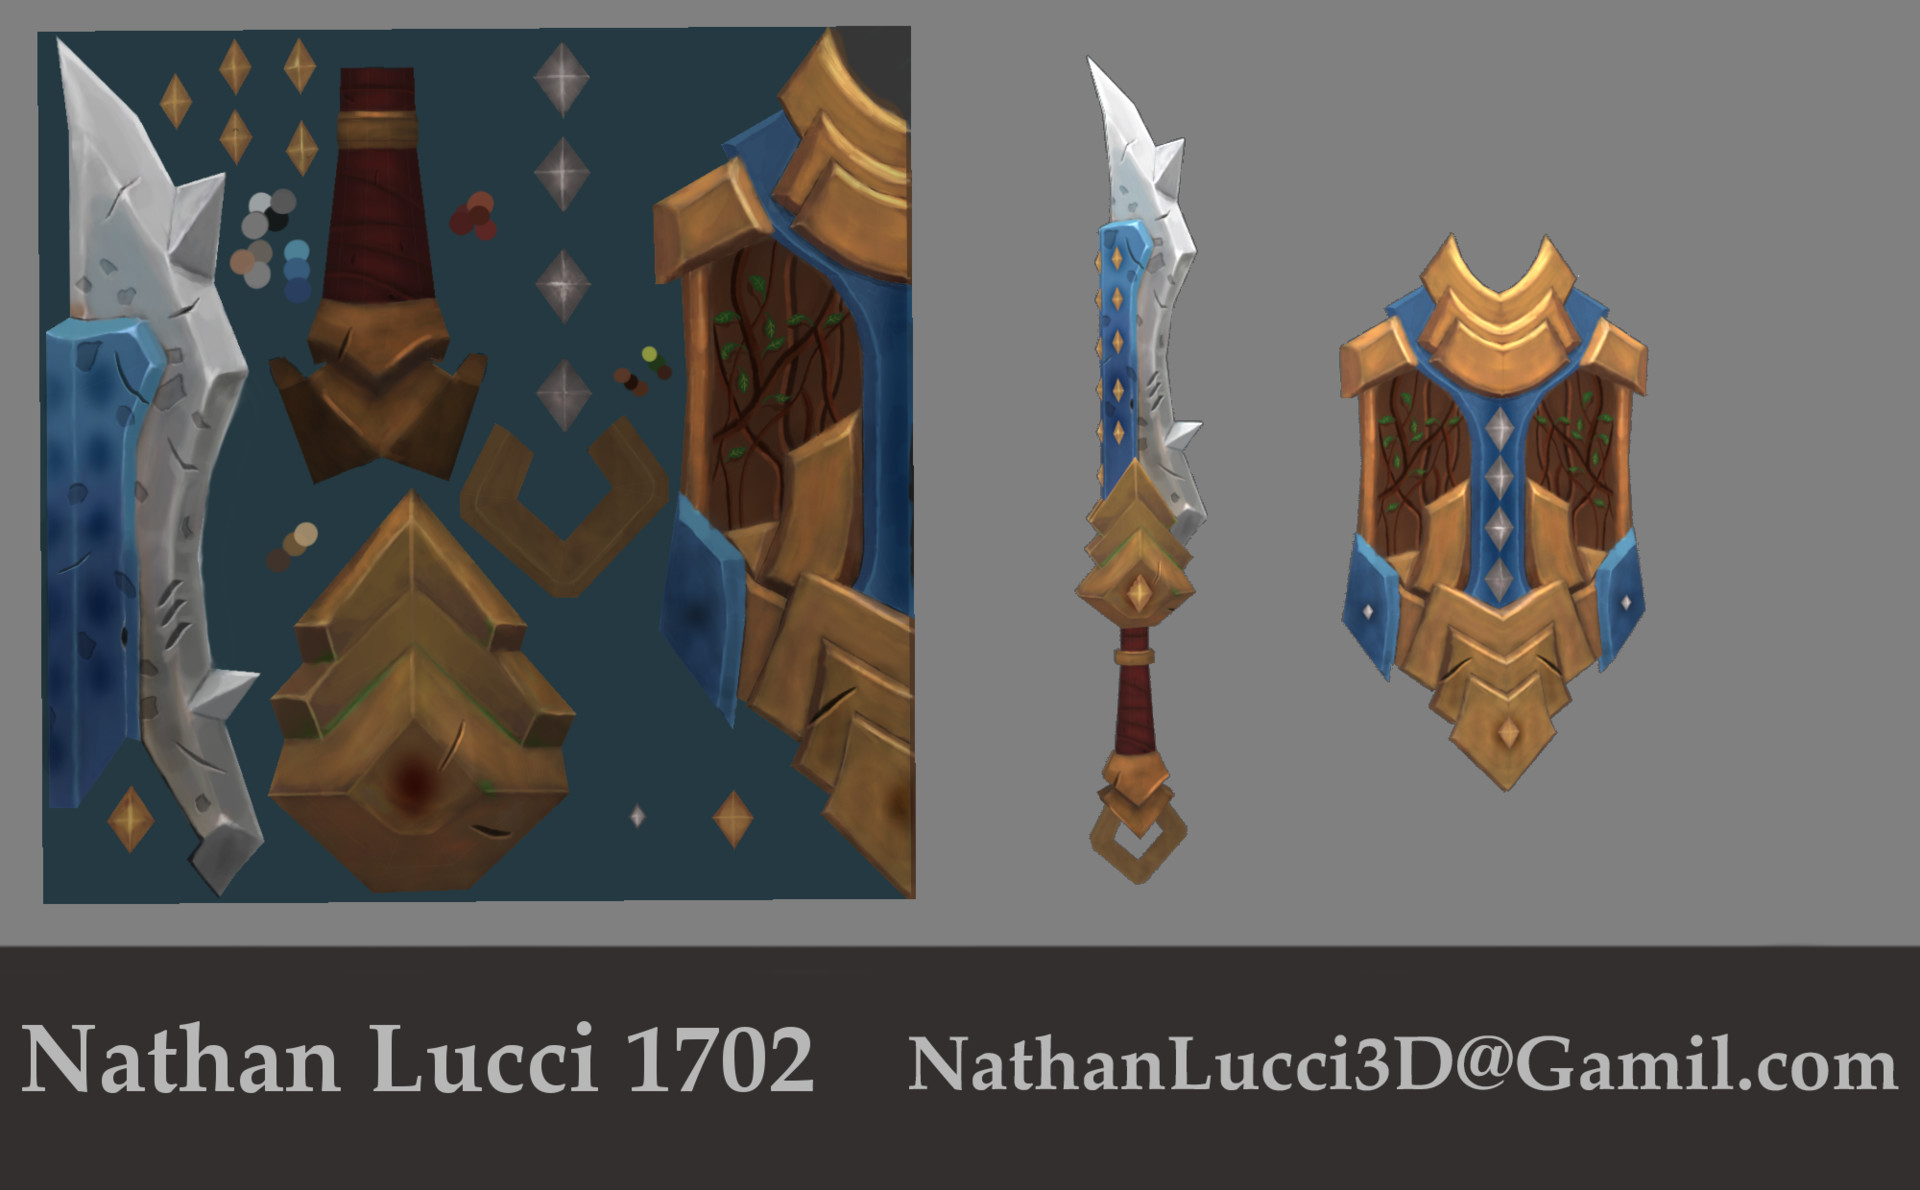 Nathan lucci lucci nathan 1702 1